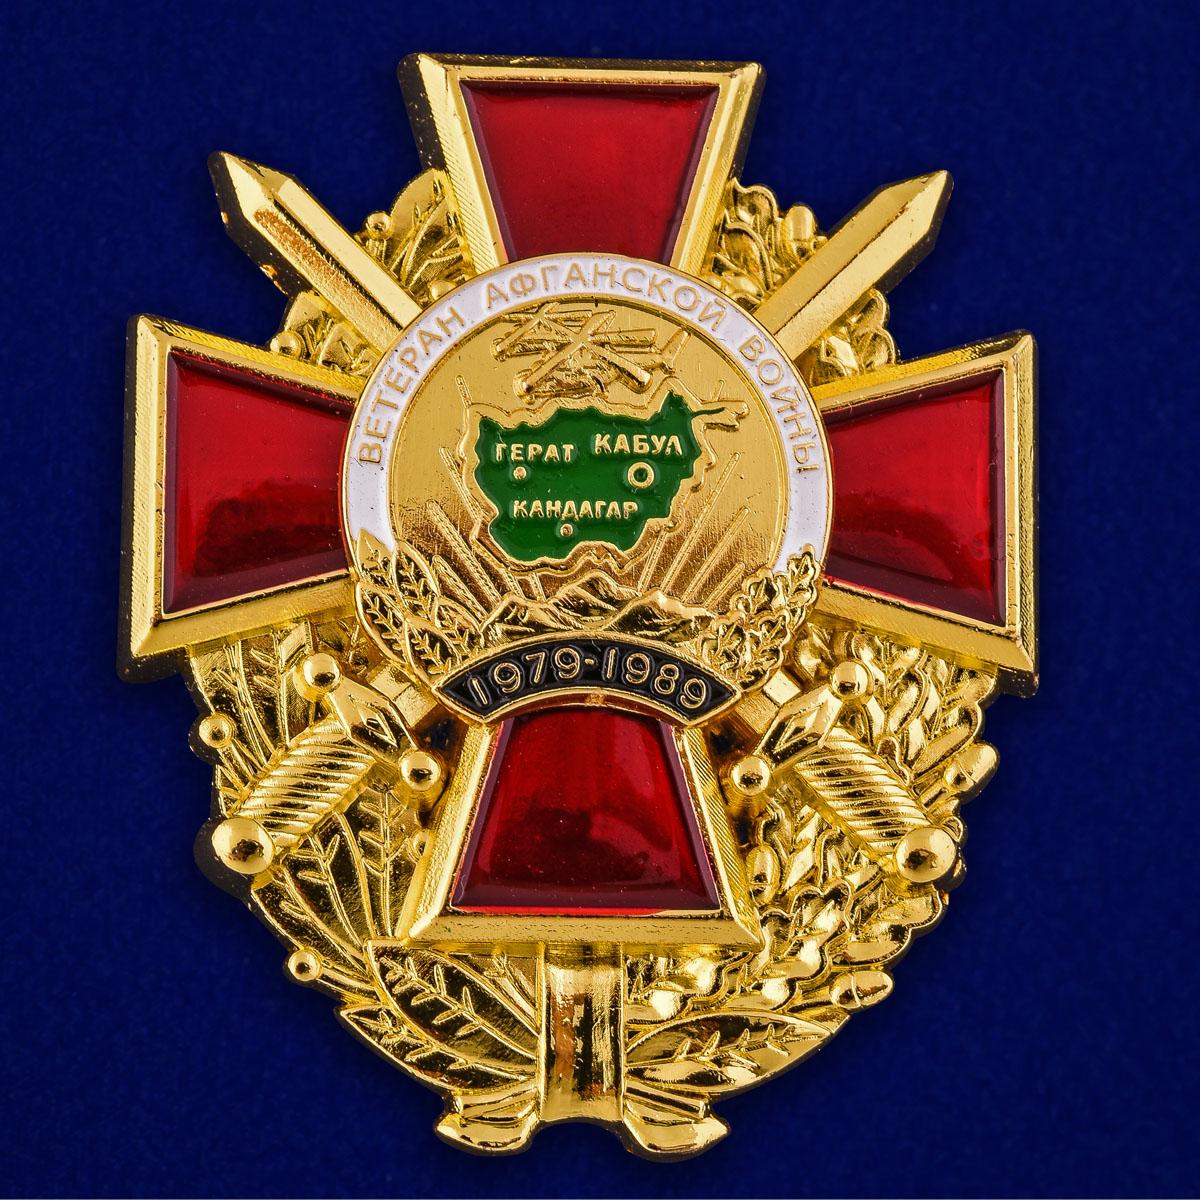 Купить орден Ветеран Афганской войны в нарядном футляре из флока